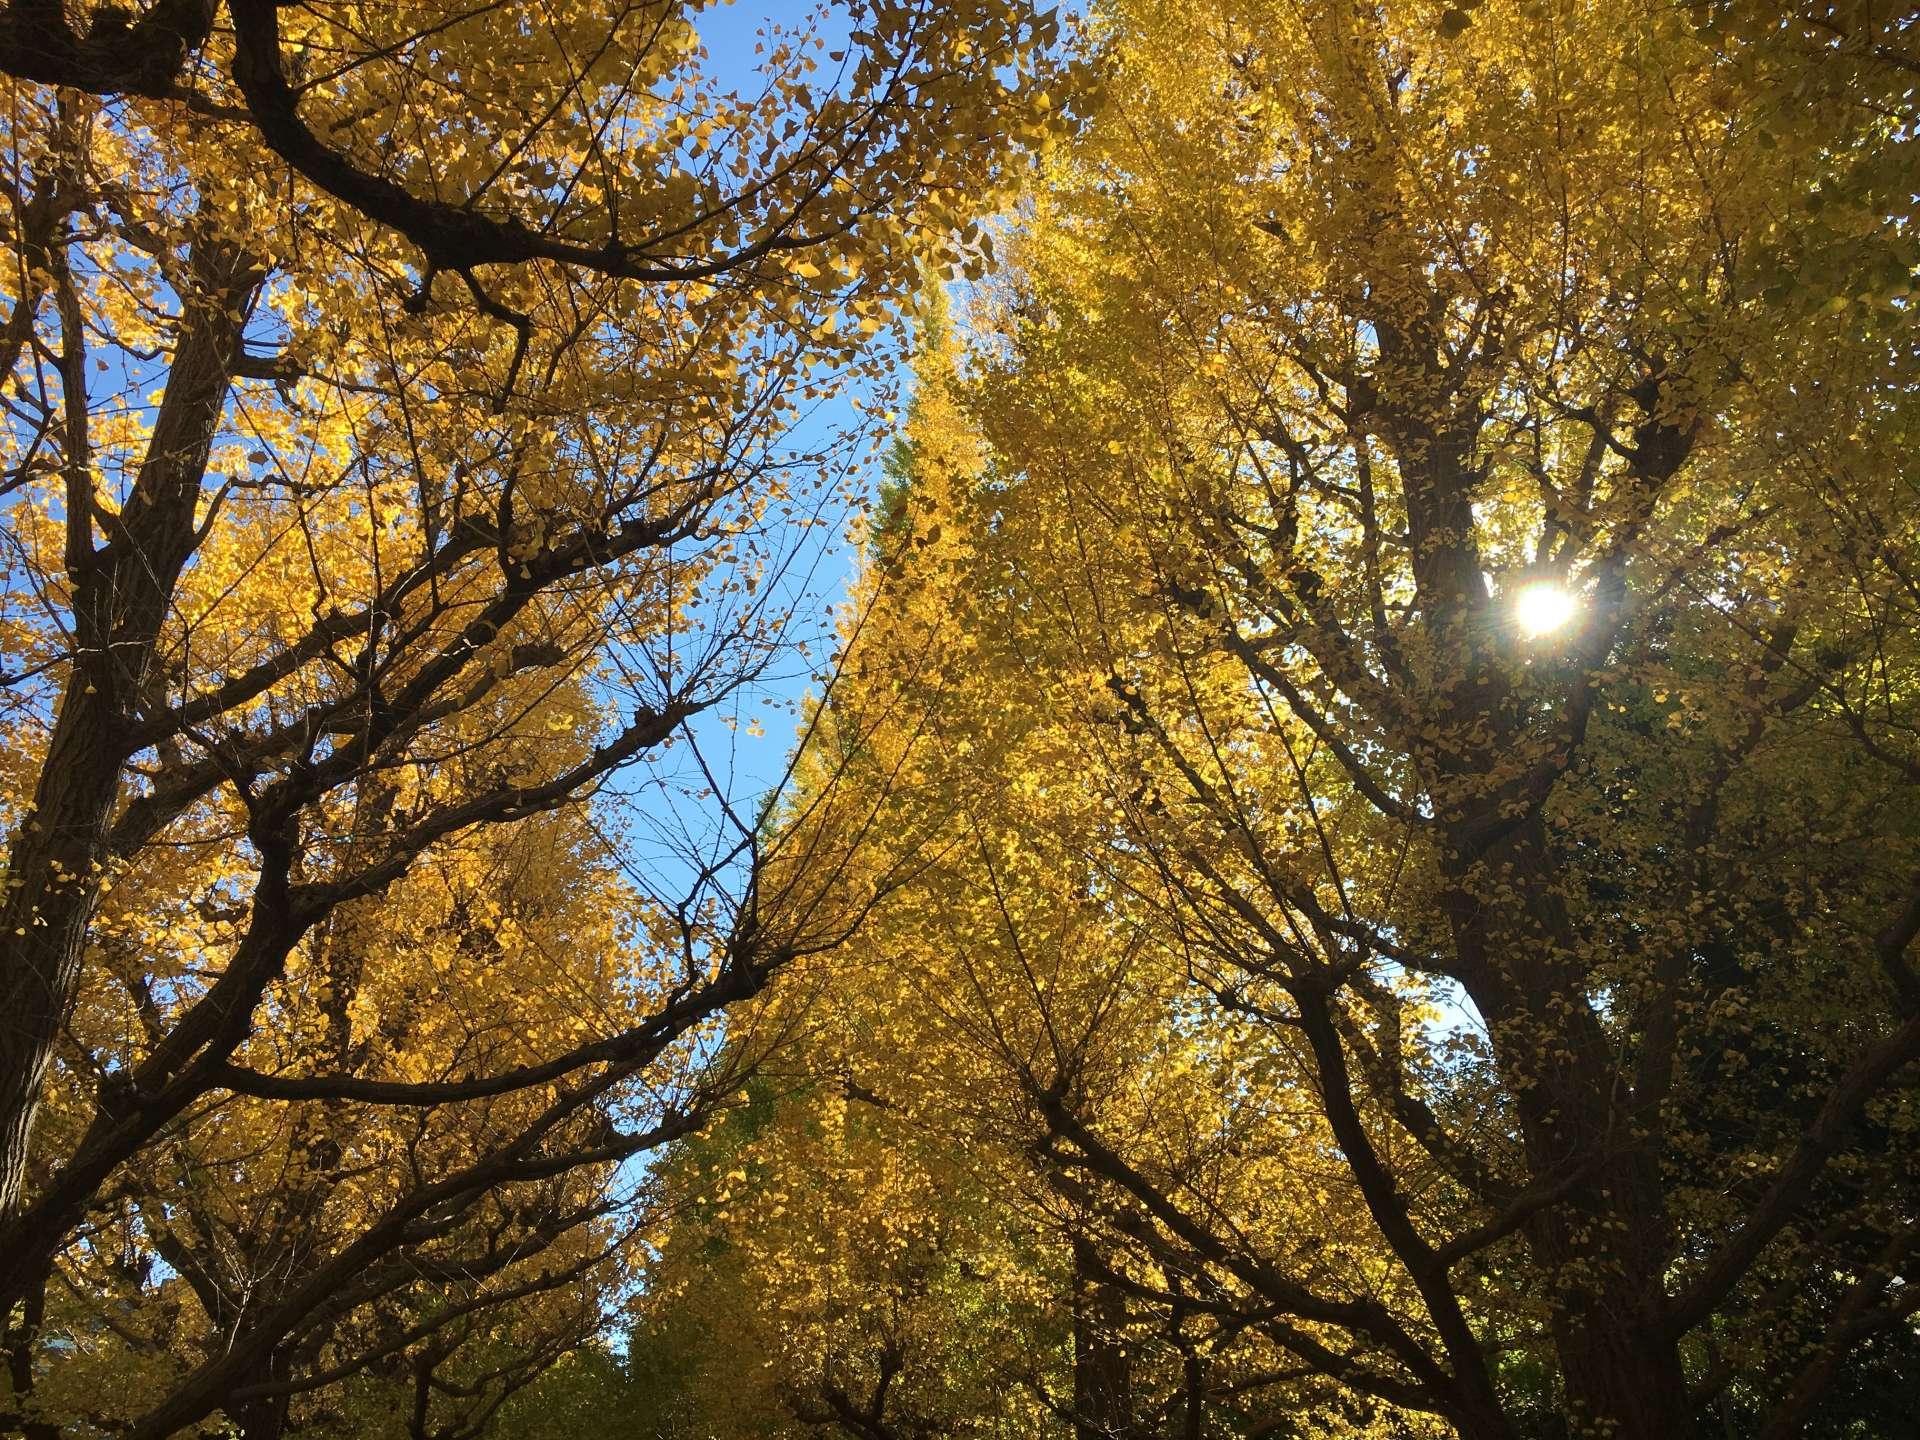 阳光下金光闪闪的银杏树